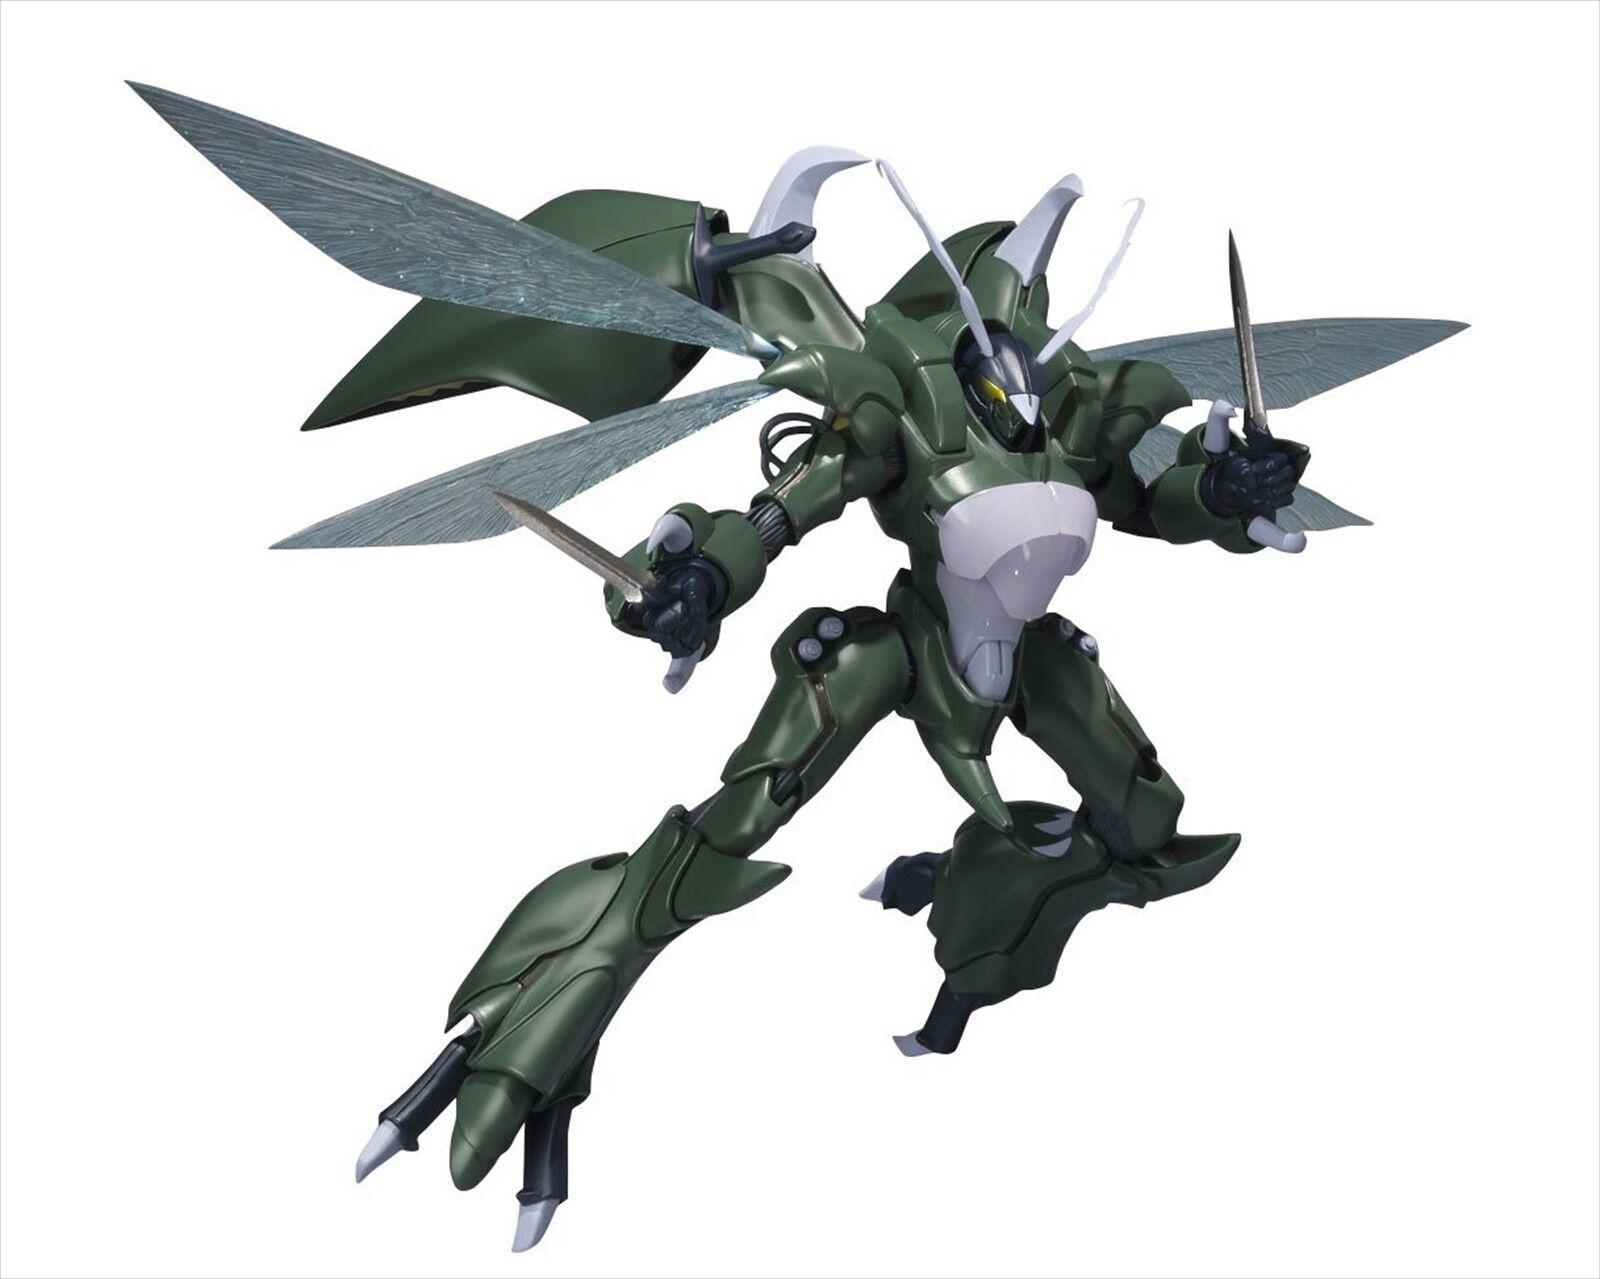 Bandai Robot Spirits lado Aura Battler Dunbine AB torcecuello Figura De Acción De Pvc